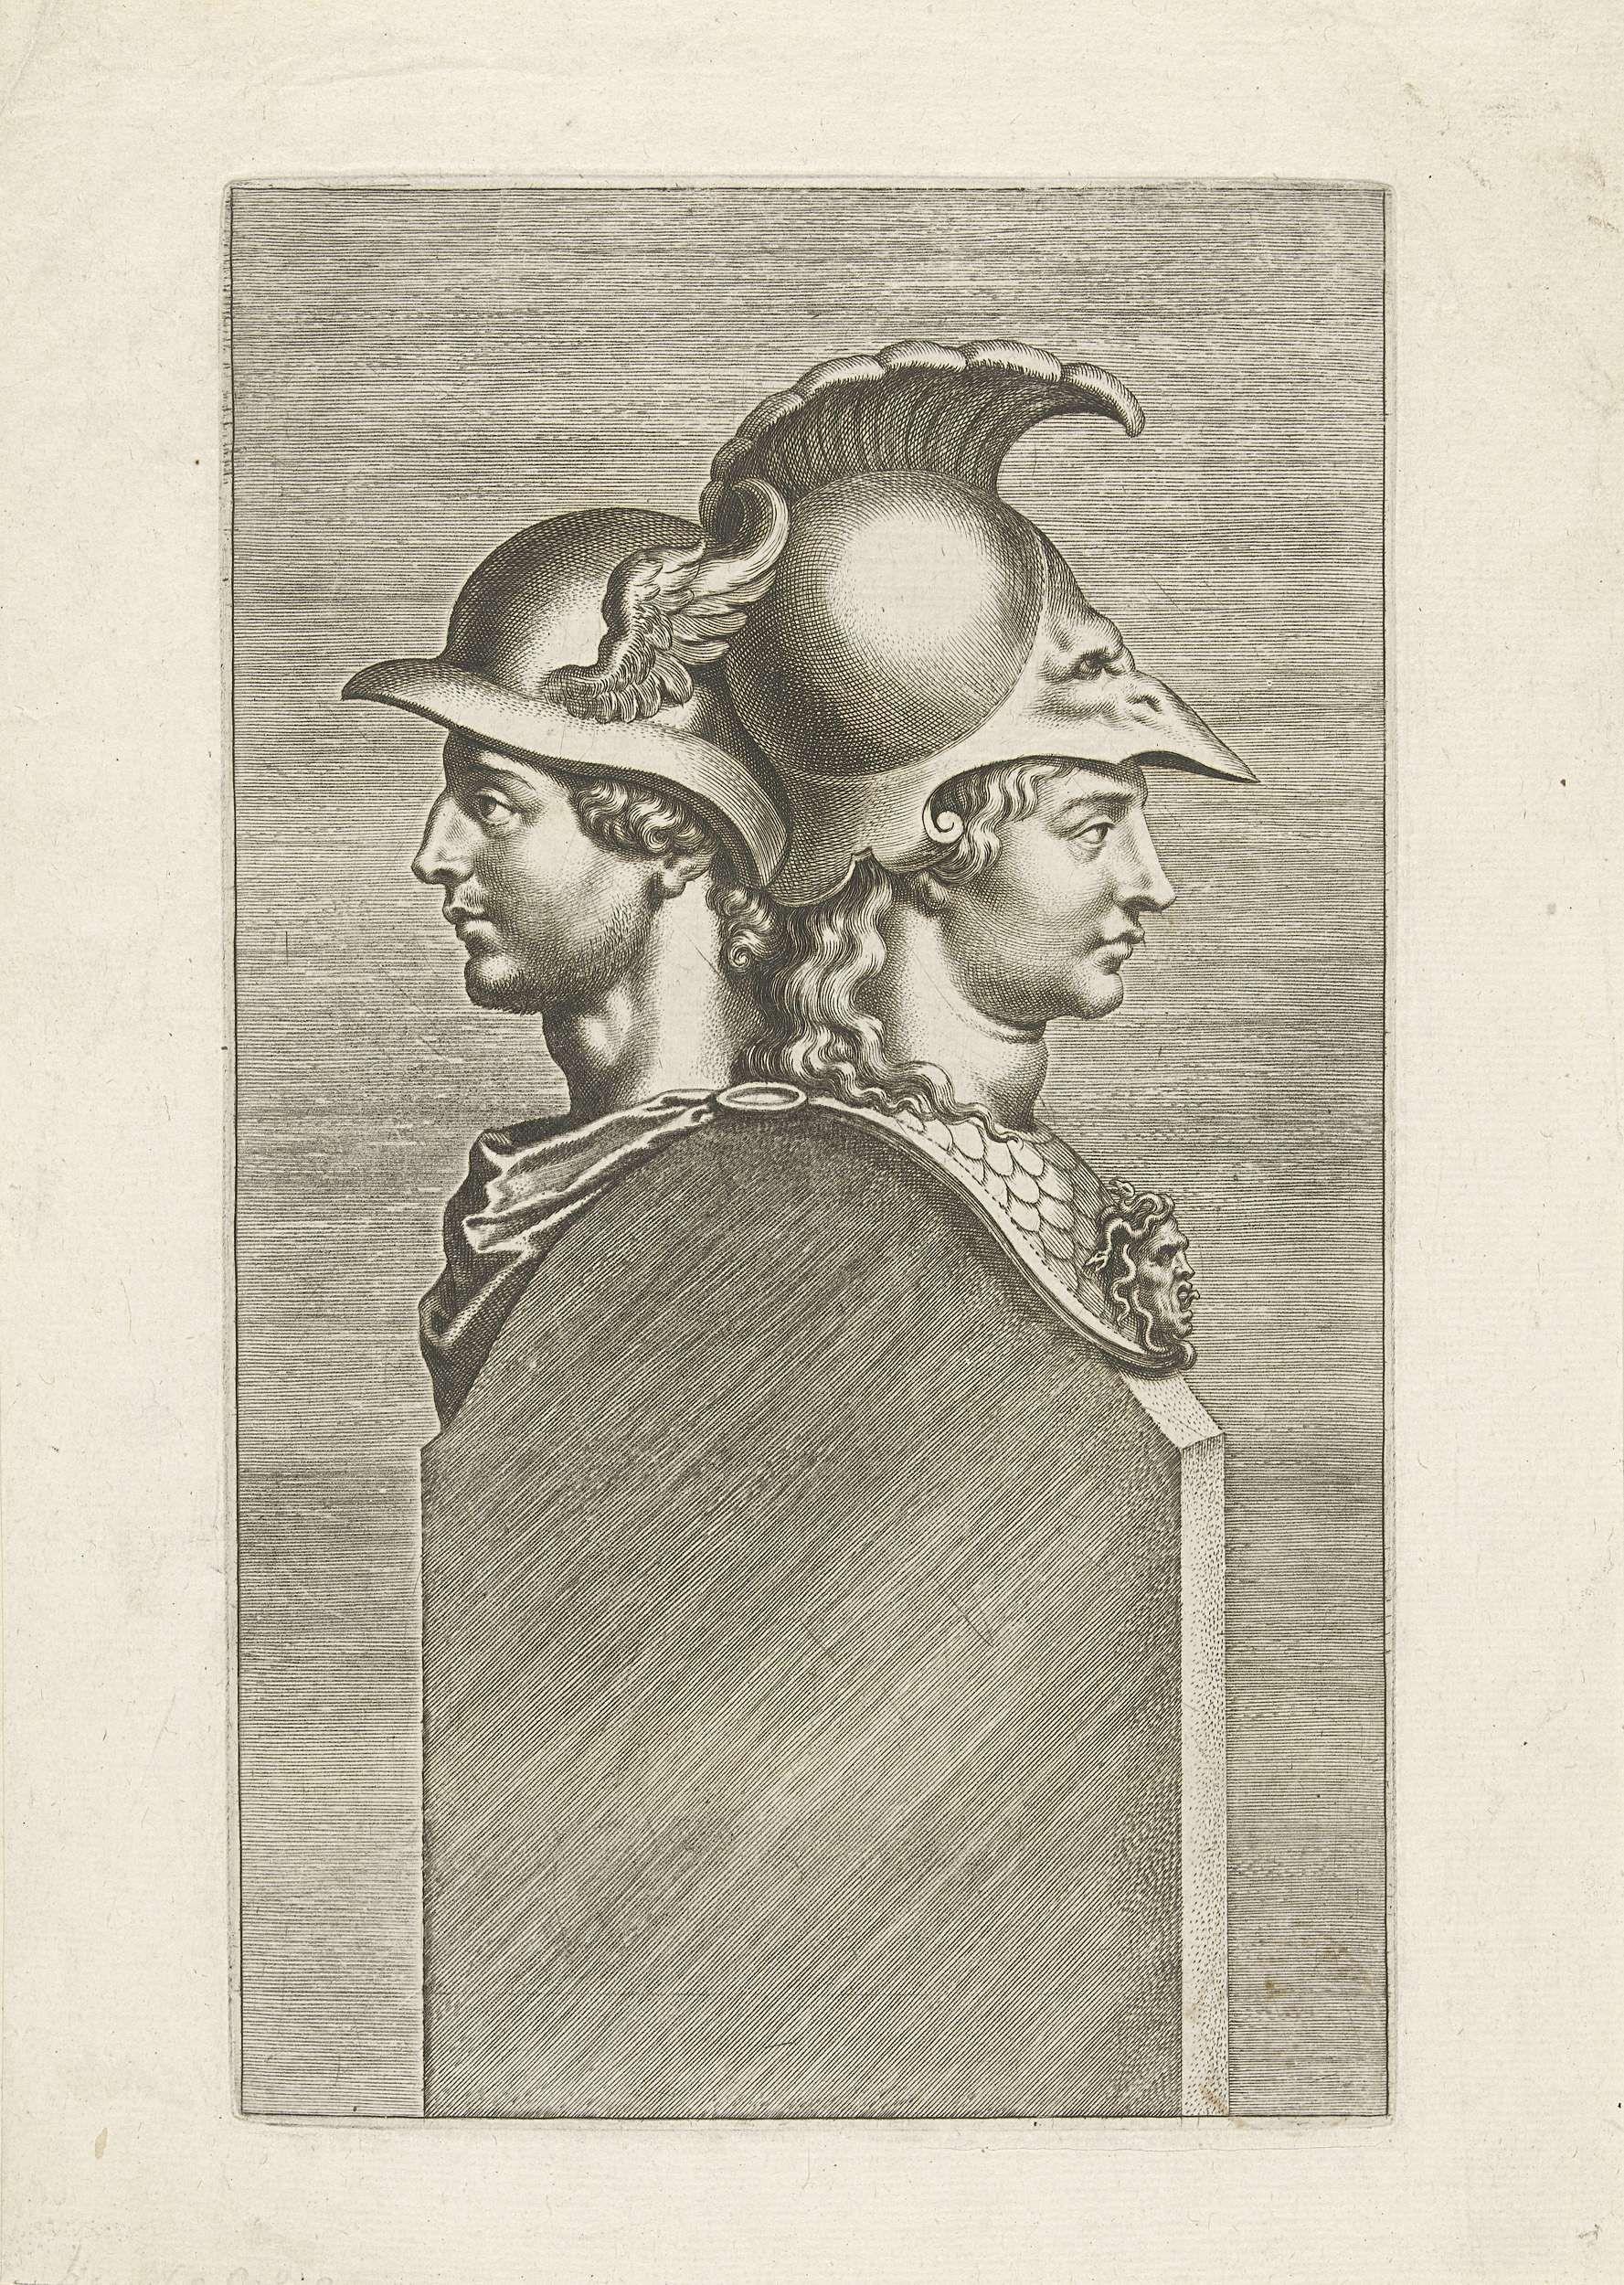 Peter Paul Rubens | Herme met bustes van Mercurius en Minerva, Peter Paul Rubens, 1610 - 1650 |